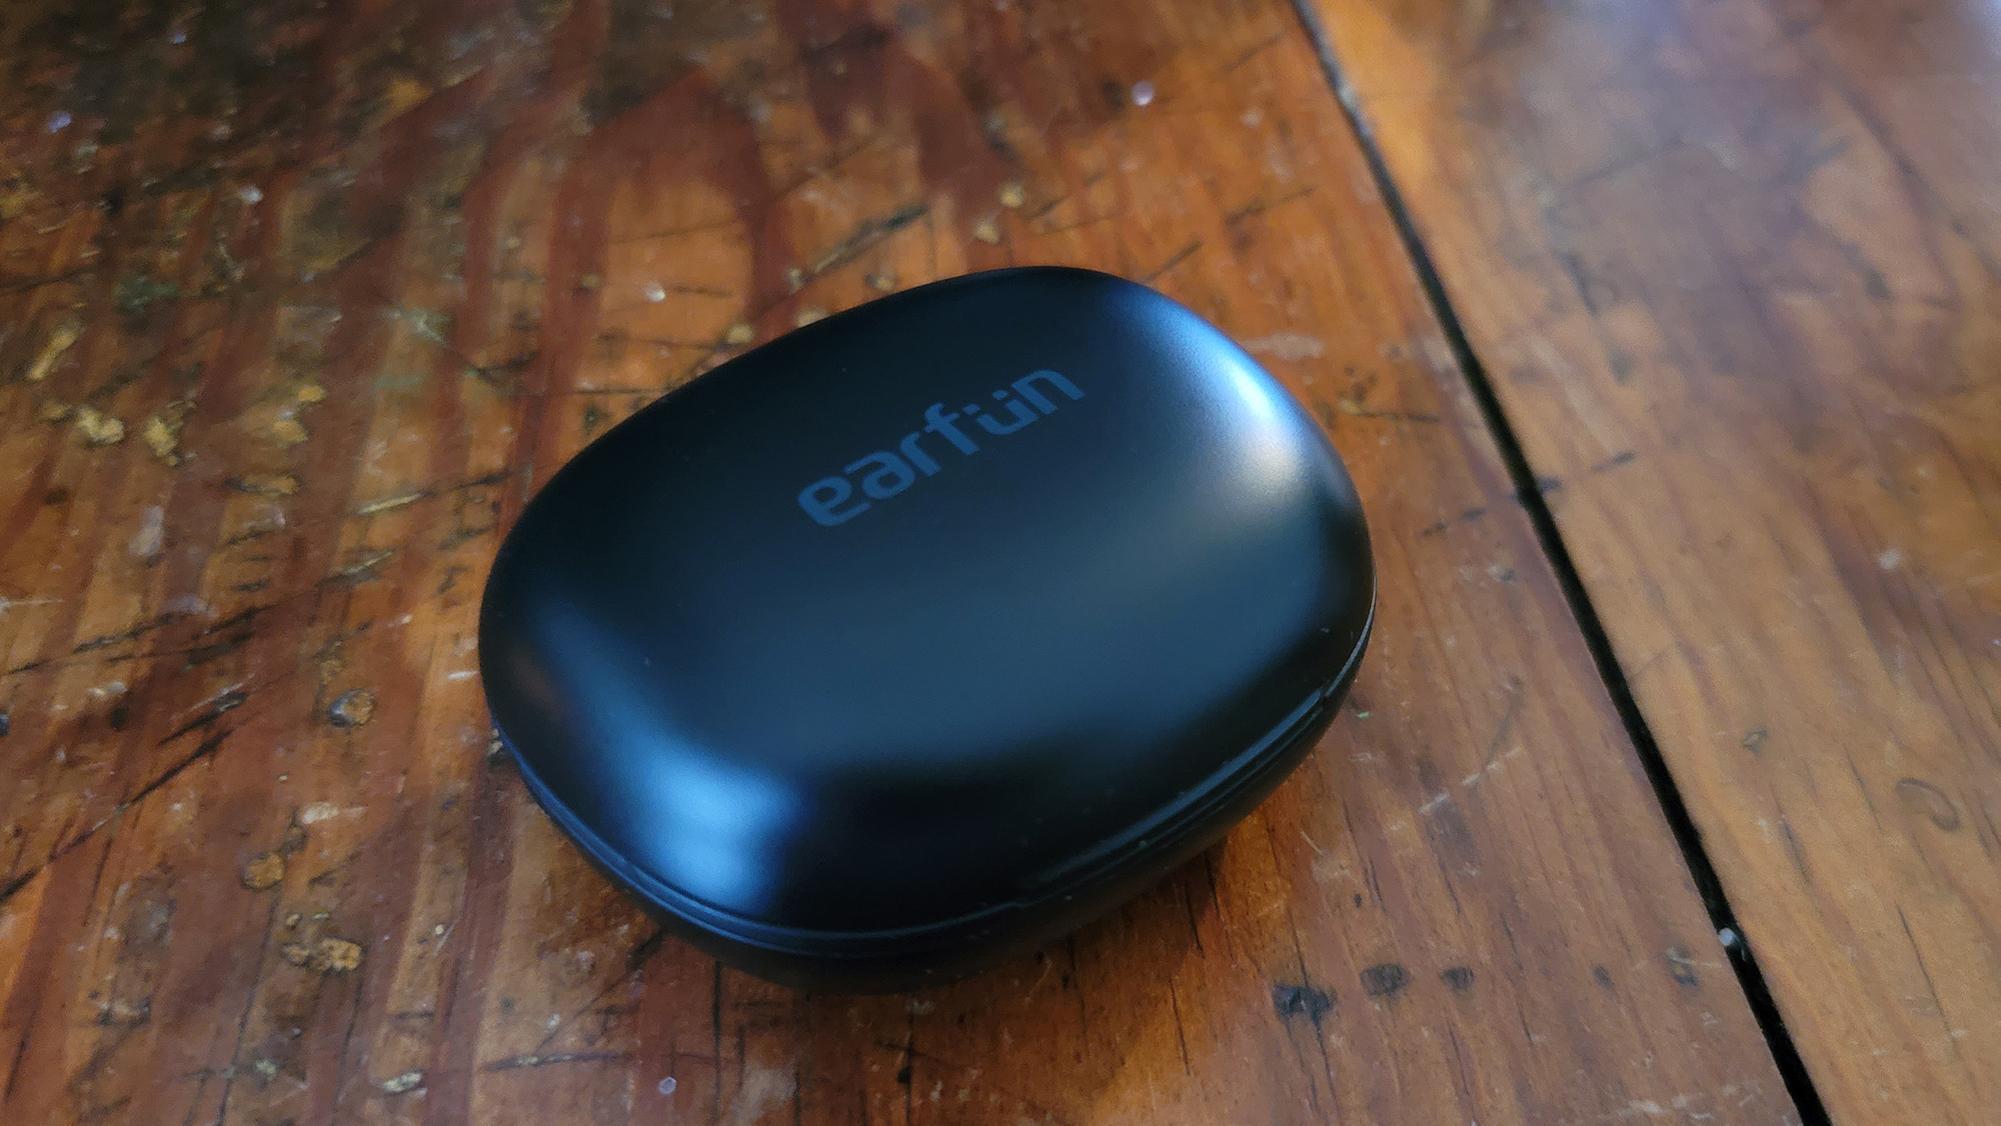 EarFun Air Pro true wireless earbuds case closed